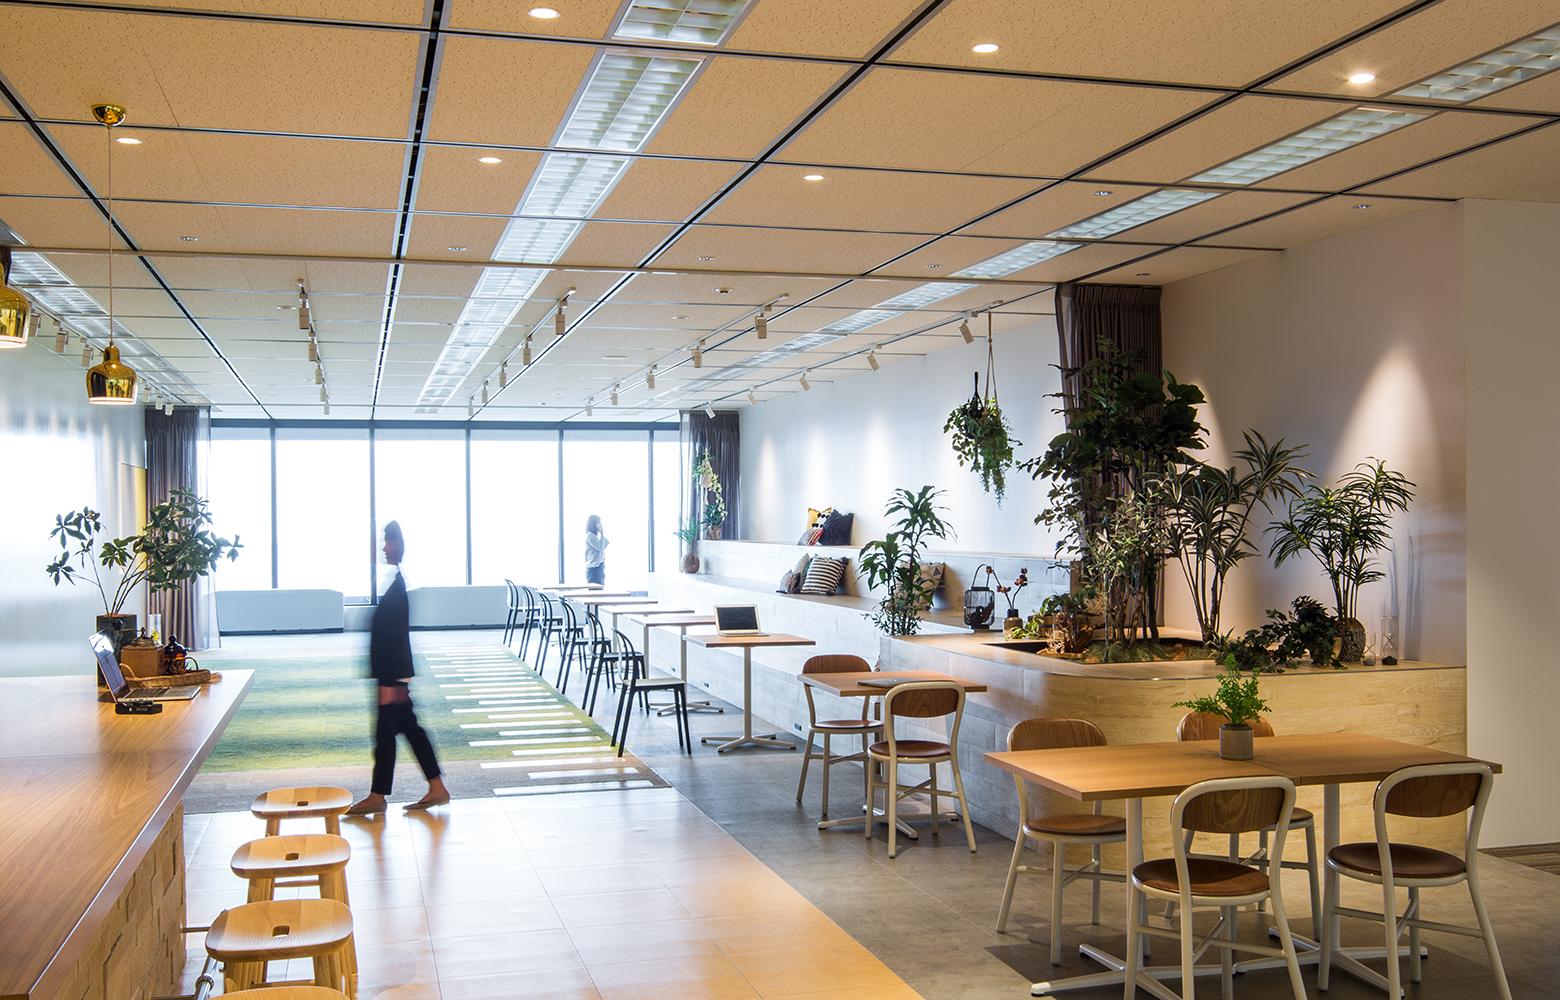 日本電信電話株式会社 横須賀研究開発センタ Free Space デザイン・レイアウト事例